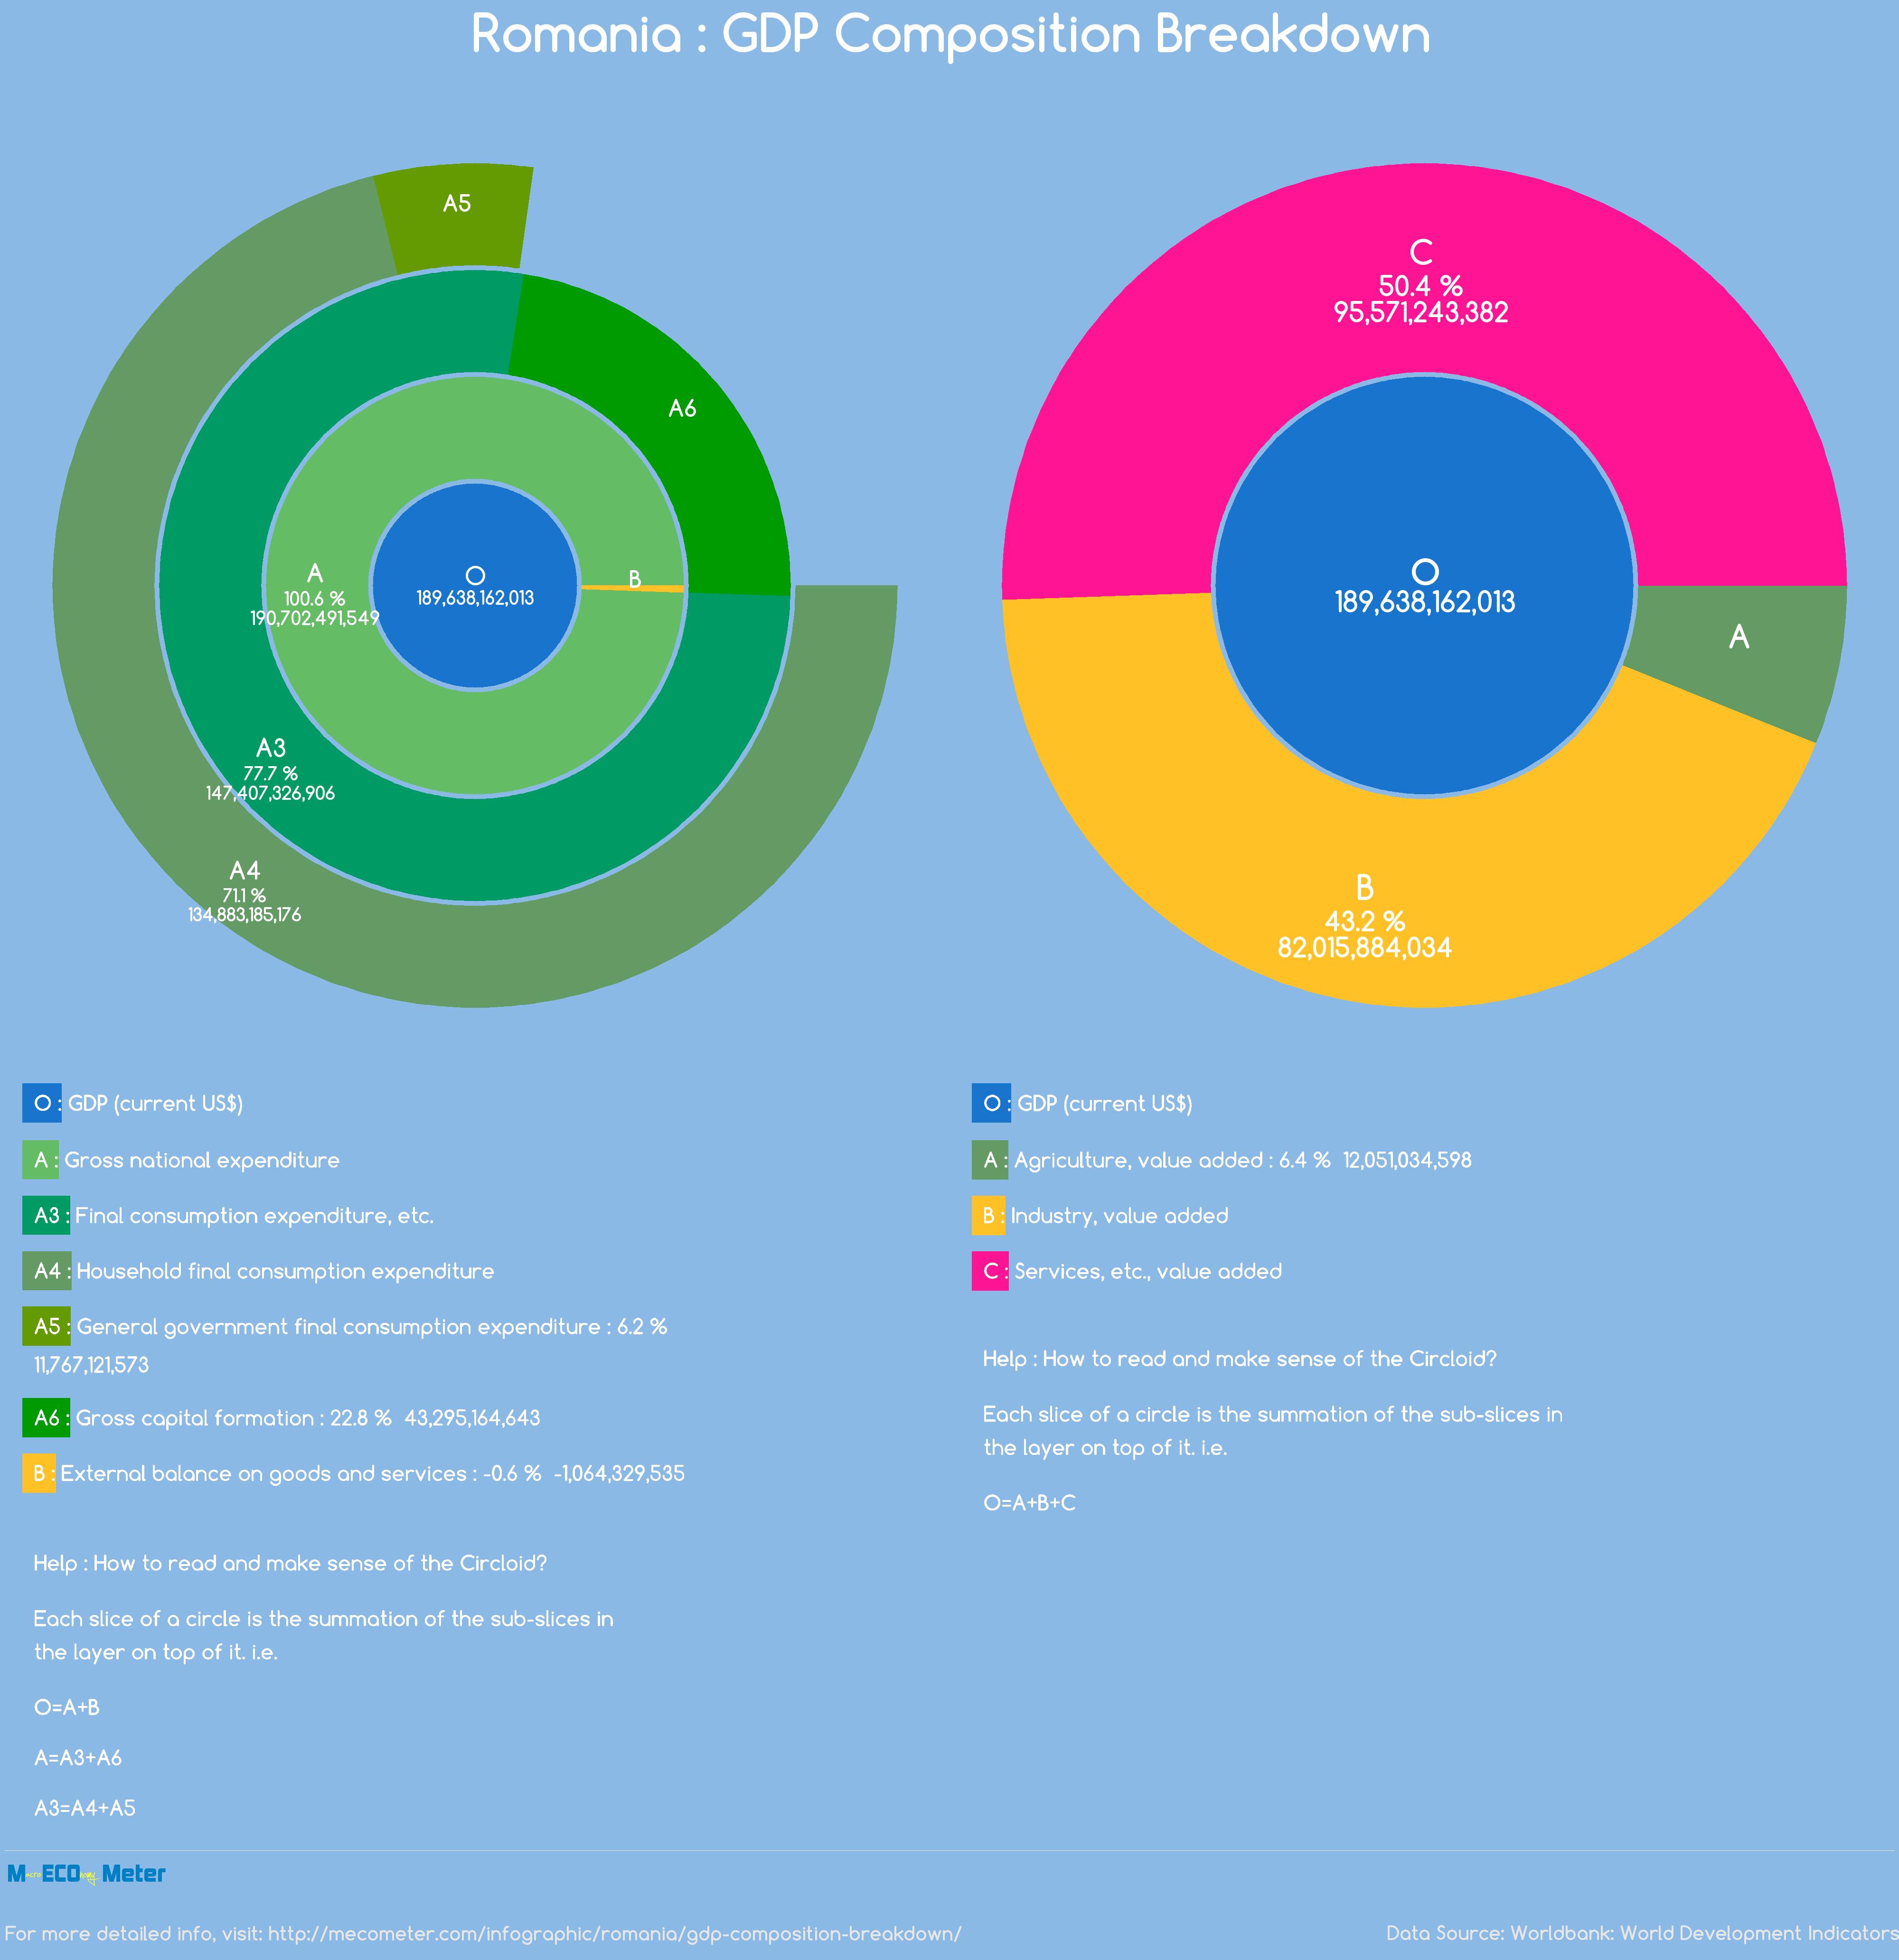 Romania : GDP Composition Breakdown